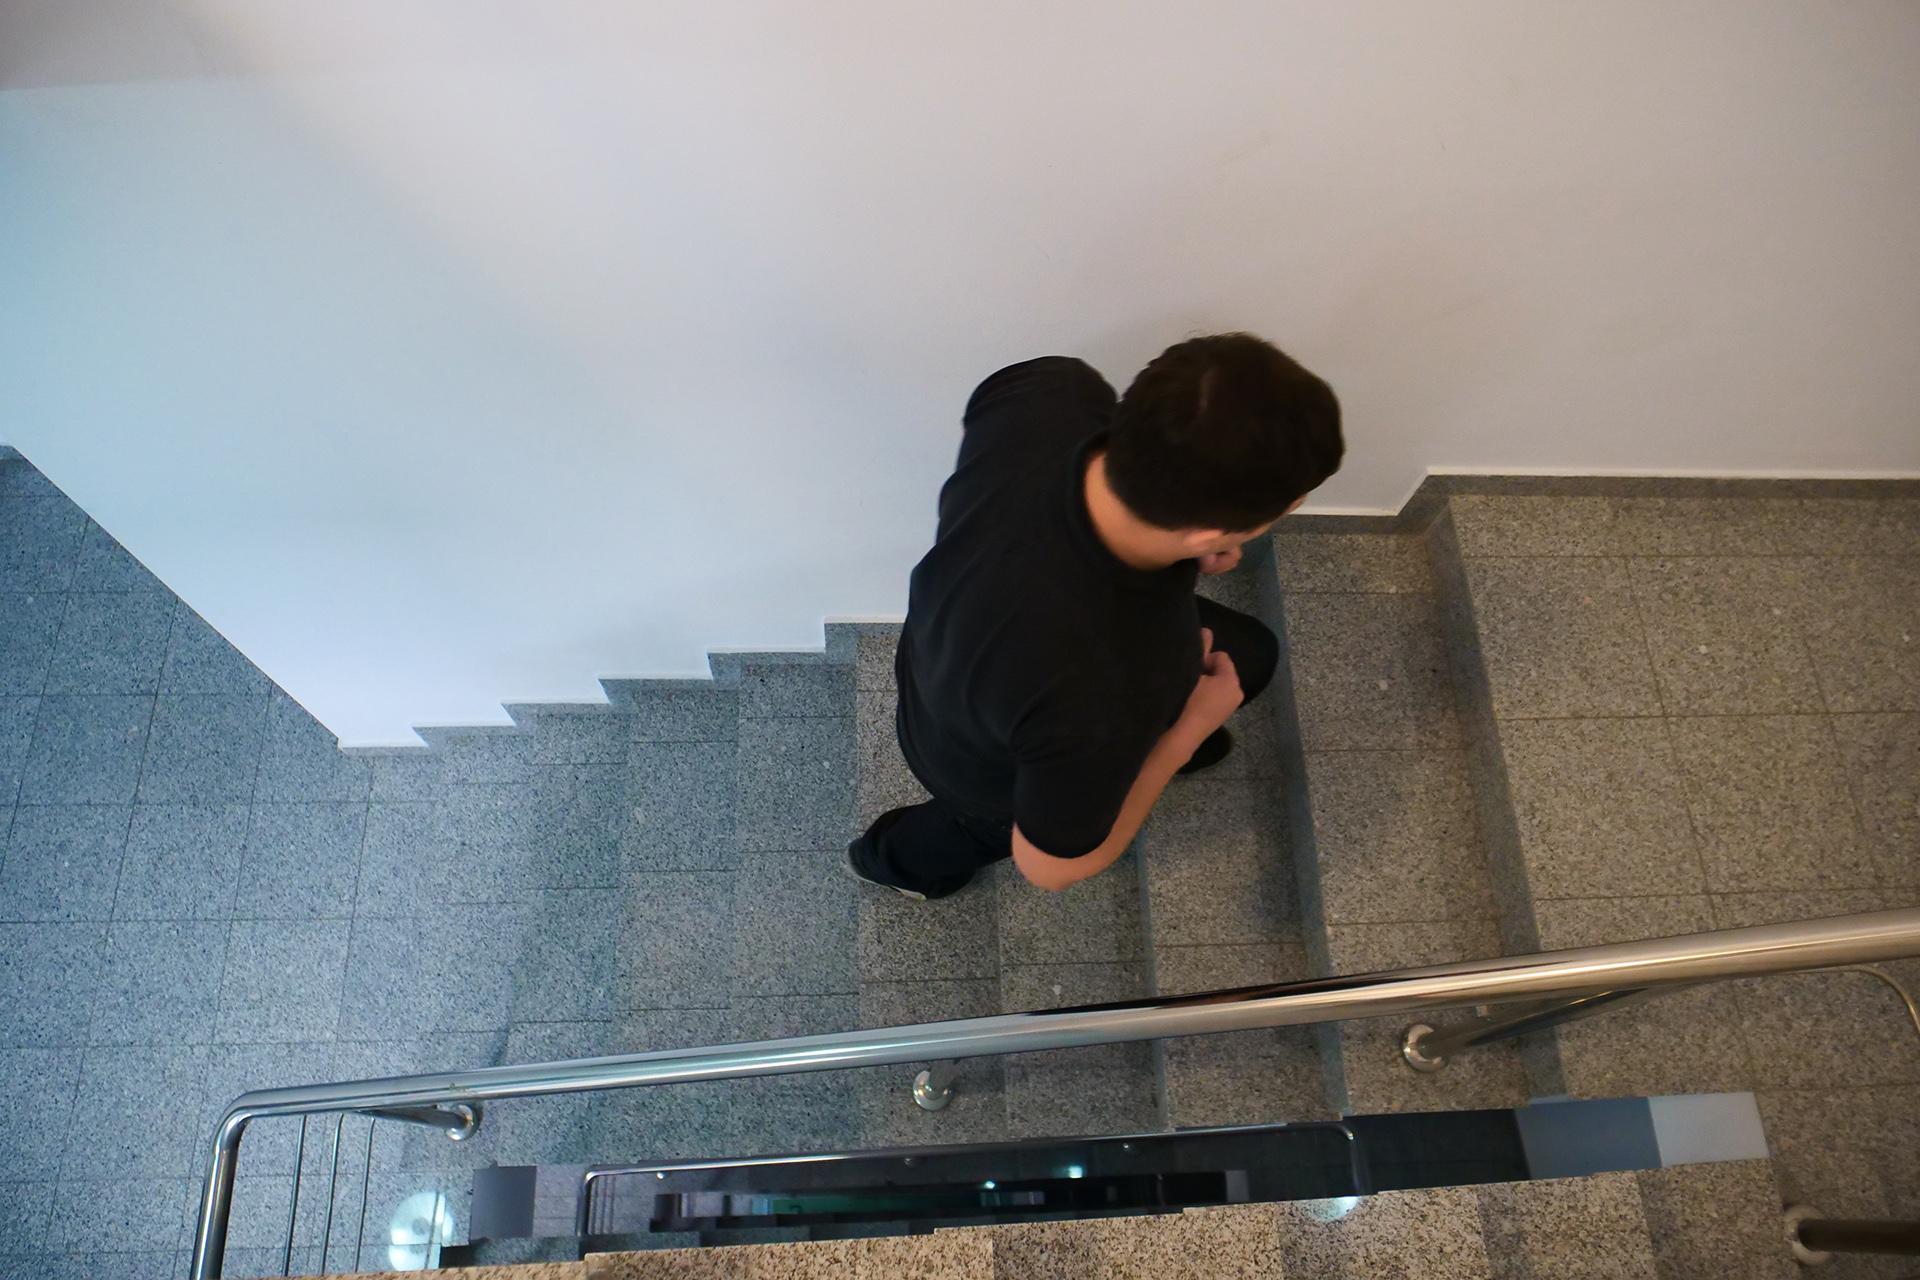 Scările, mai bune decât sala de fitness. Vezi cum să slăbeşti urcând pe scări!